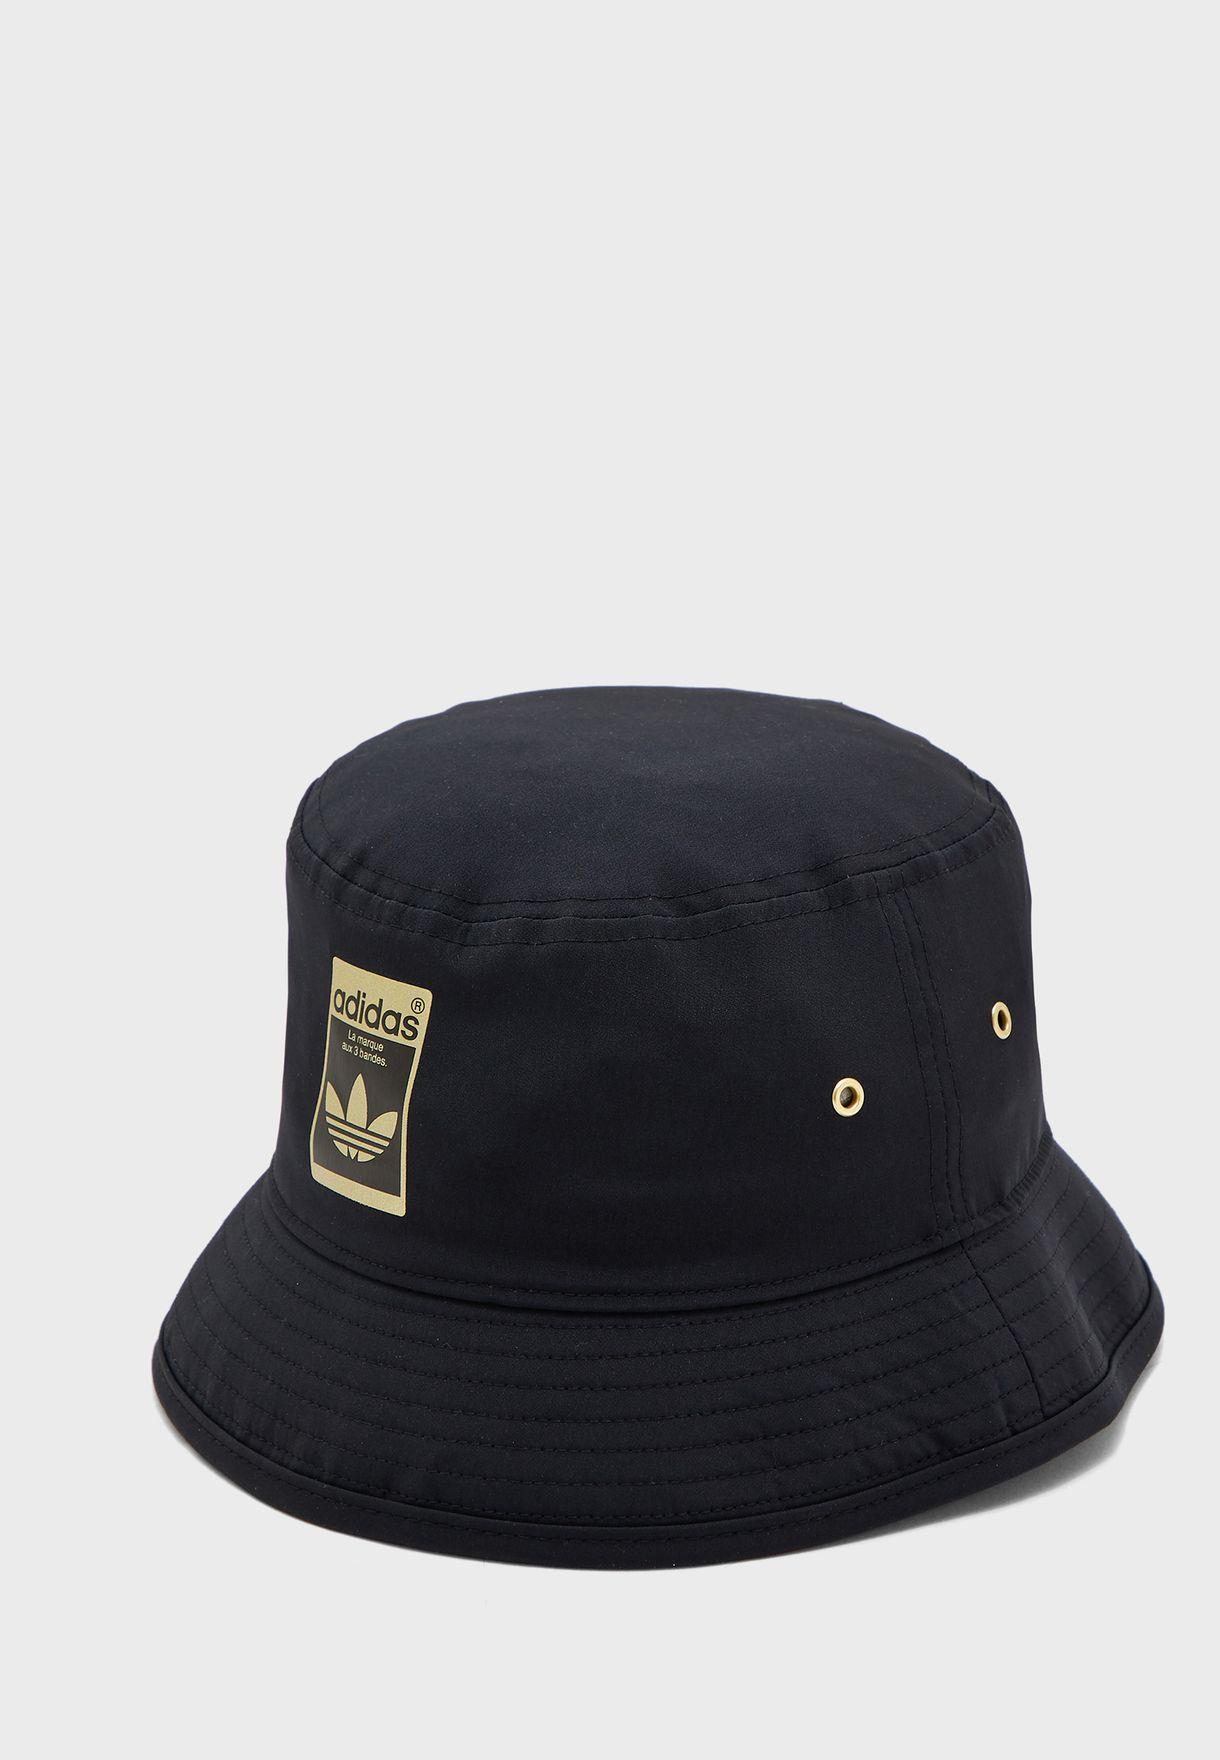 Buy Adidas Originals Black Logo Bucket Hat For Women In Muscat Other Cities Gf3198